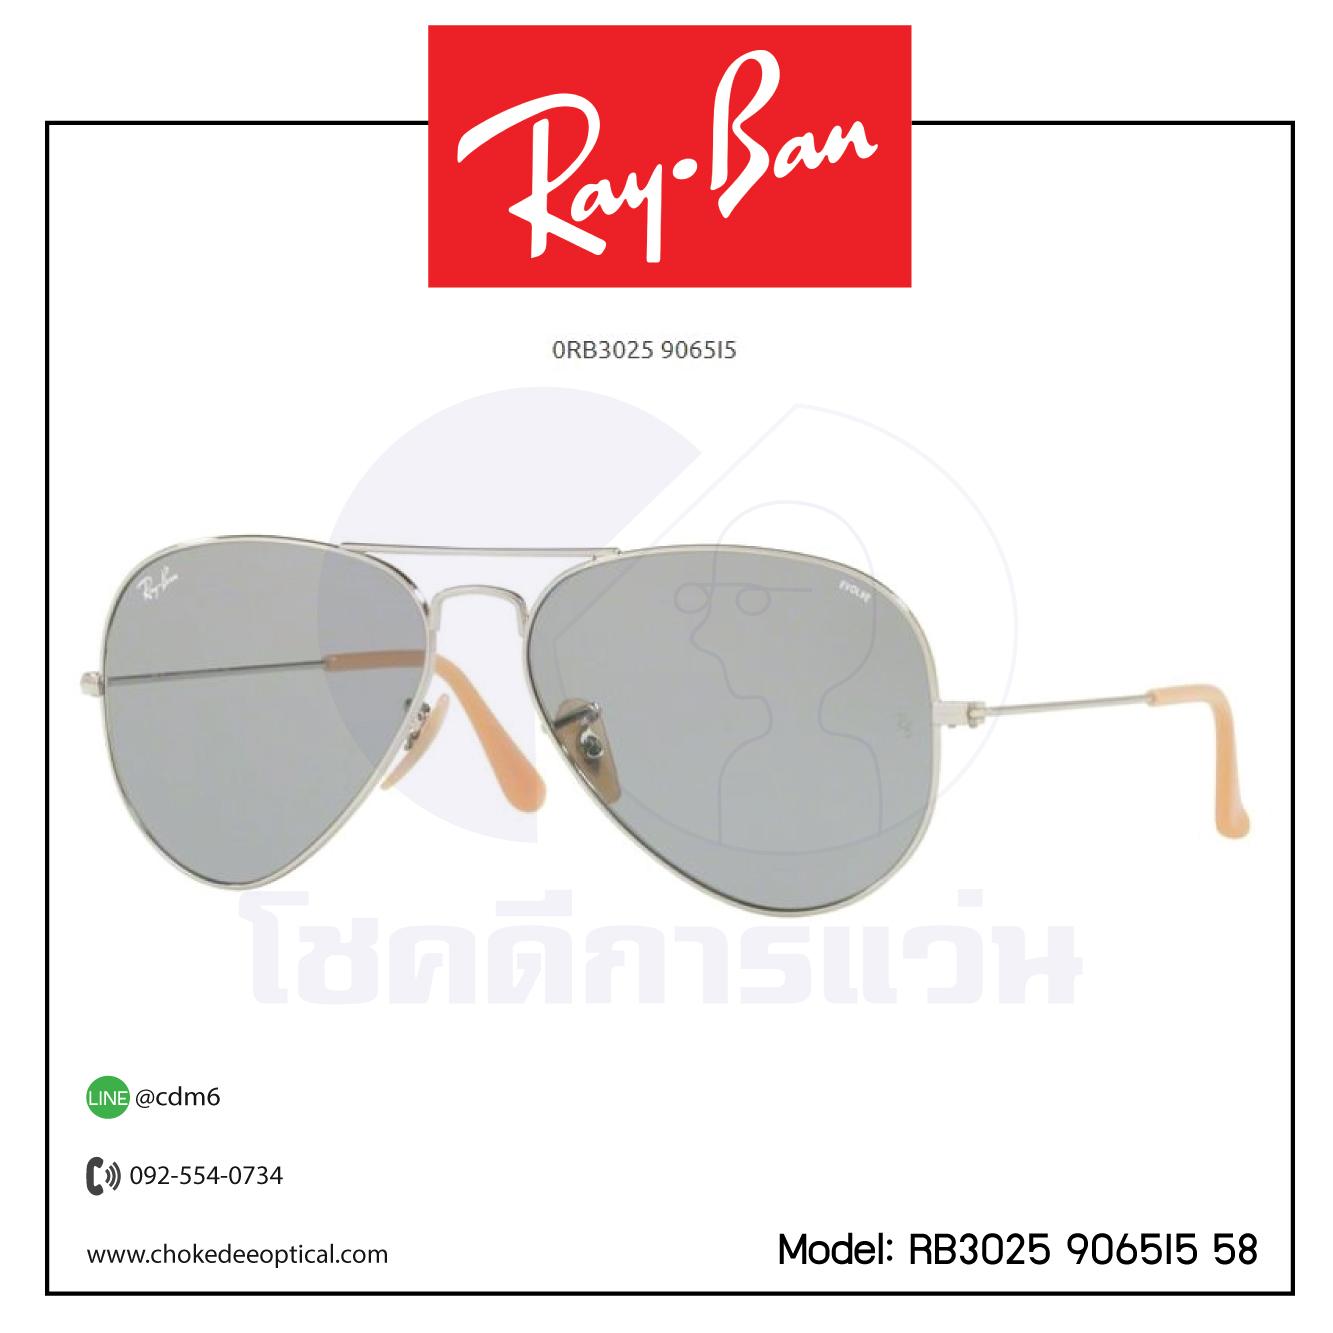 แว่นกันแดด Rayban RB3025 9065I5 58